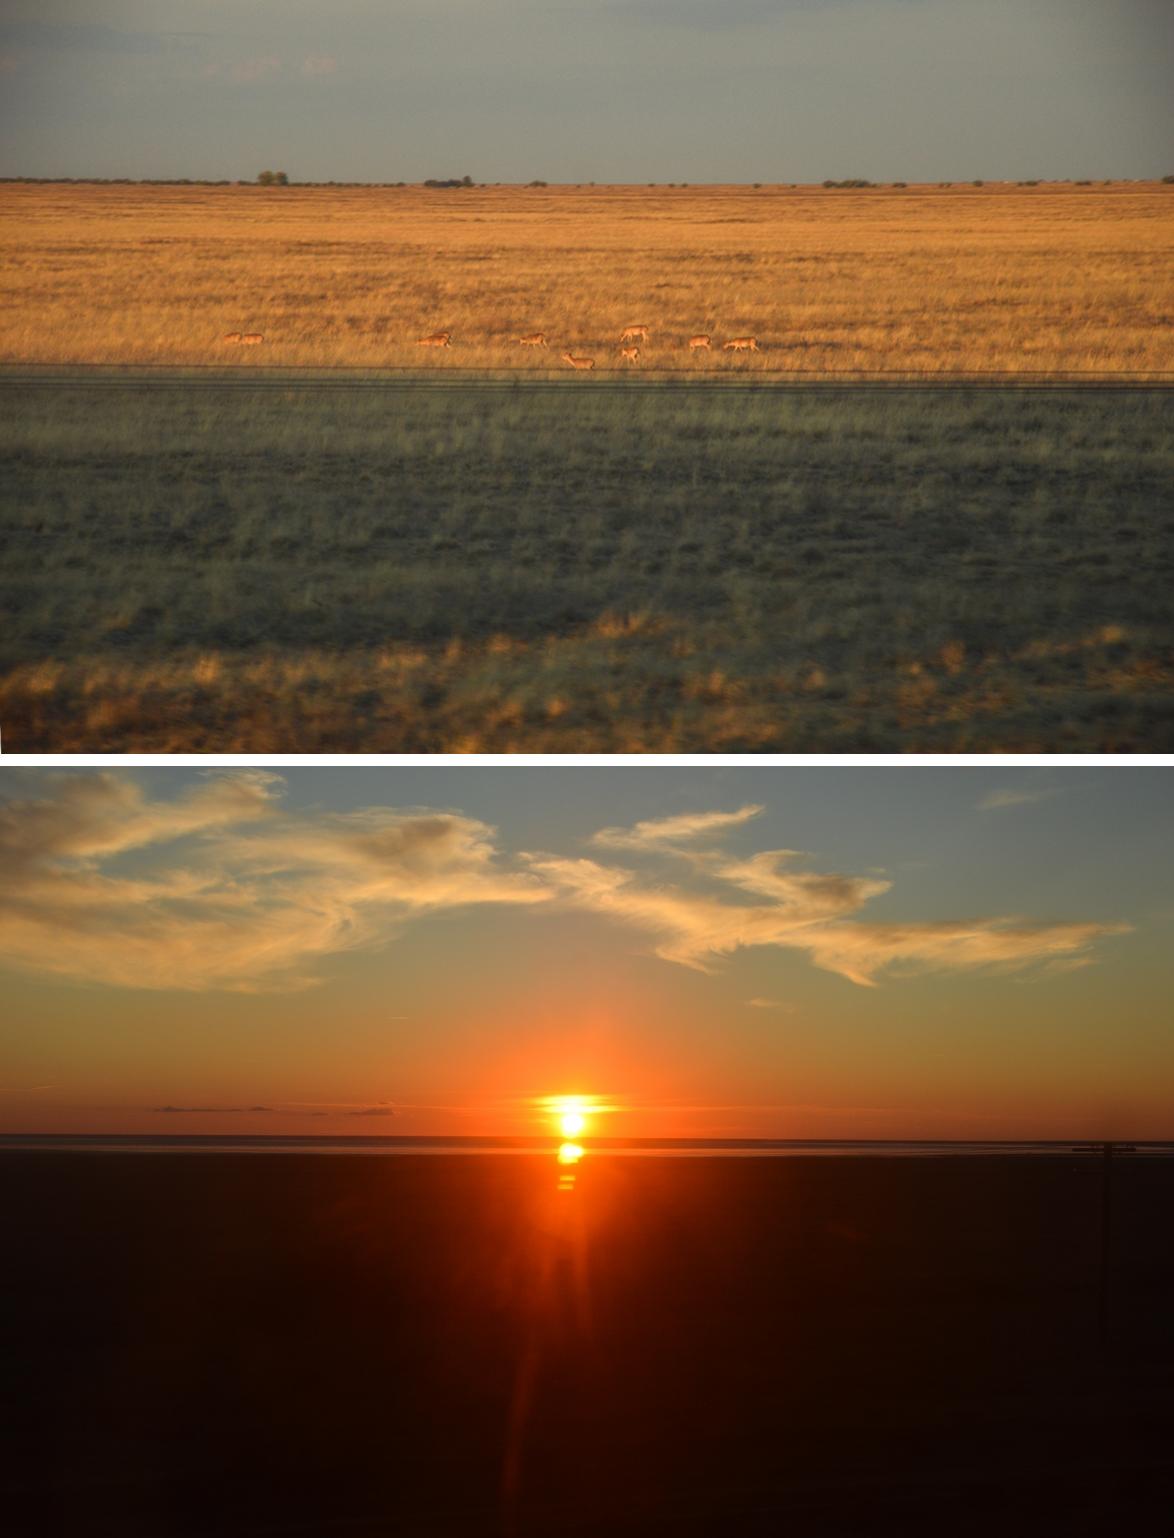 S'élancer dans un voyage sur les rails de Russie est immanquablement synonyme de spectacle imminent. En prenant la direction de la région d'Astrakhan, vers le Sud depuis Moscou, la steppe nue fait office de scène, les saïgas de danseurs et les somptueux couchers de soleil de tomber de rideau.